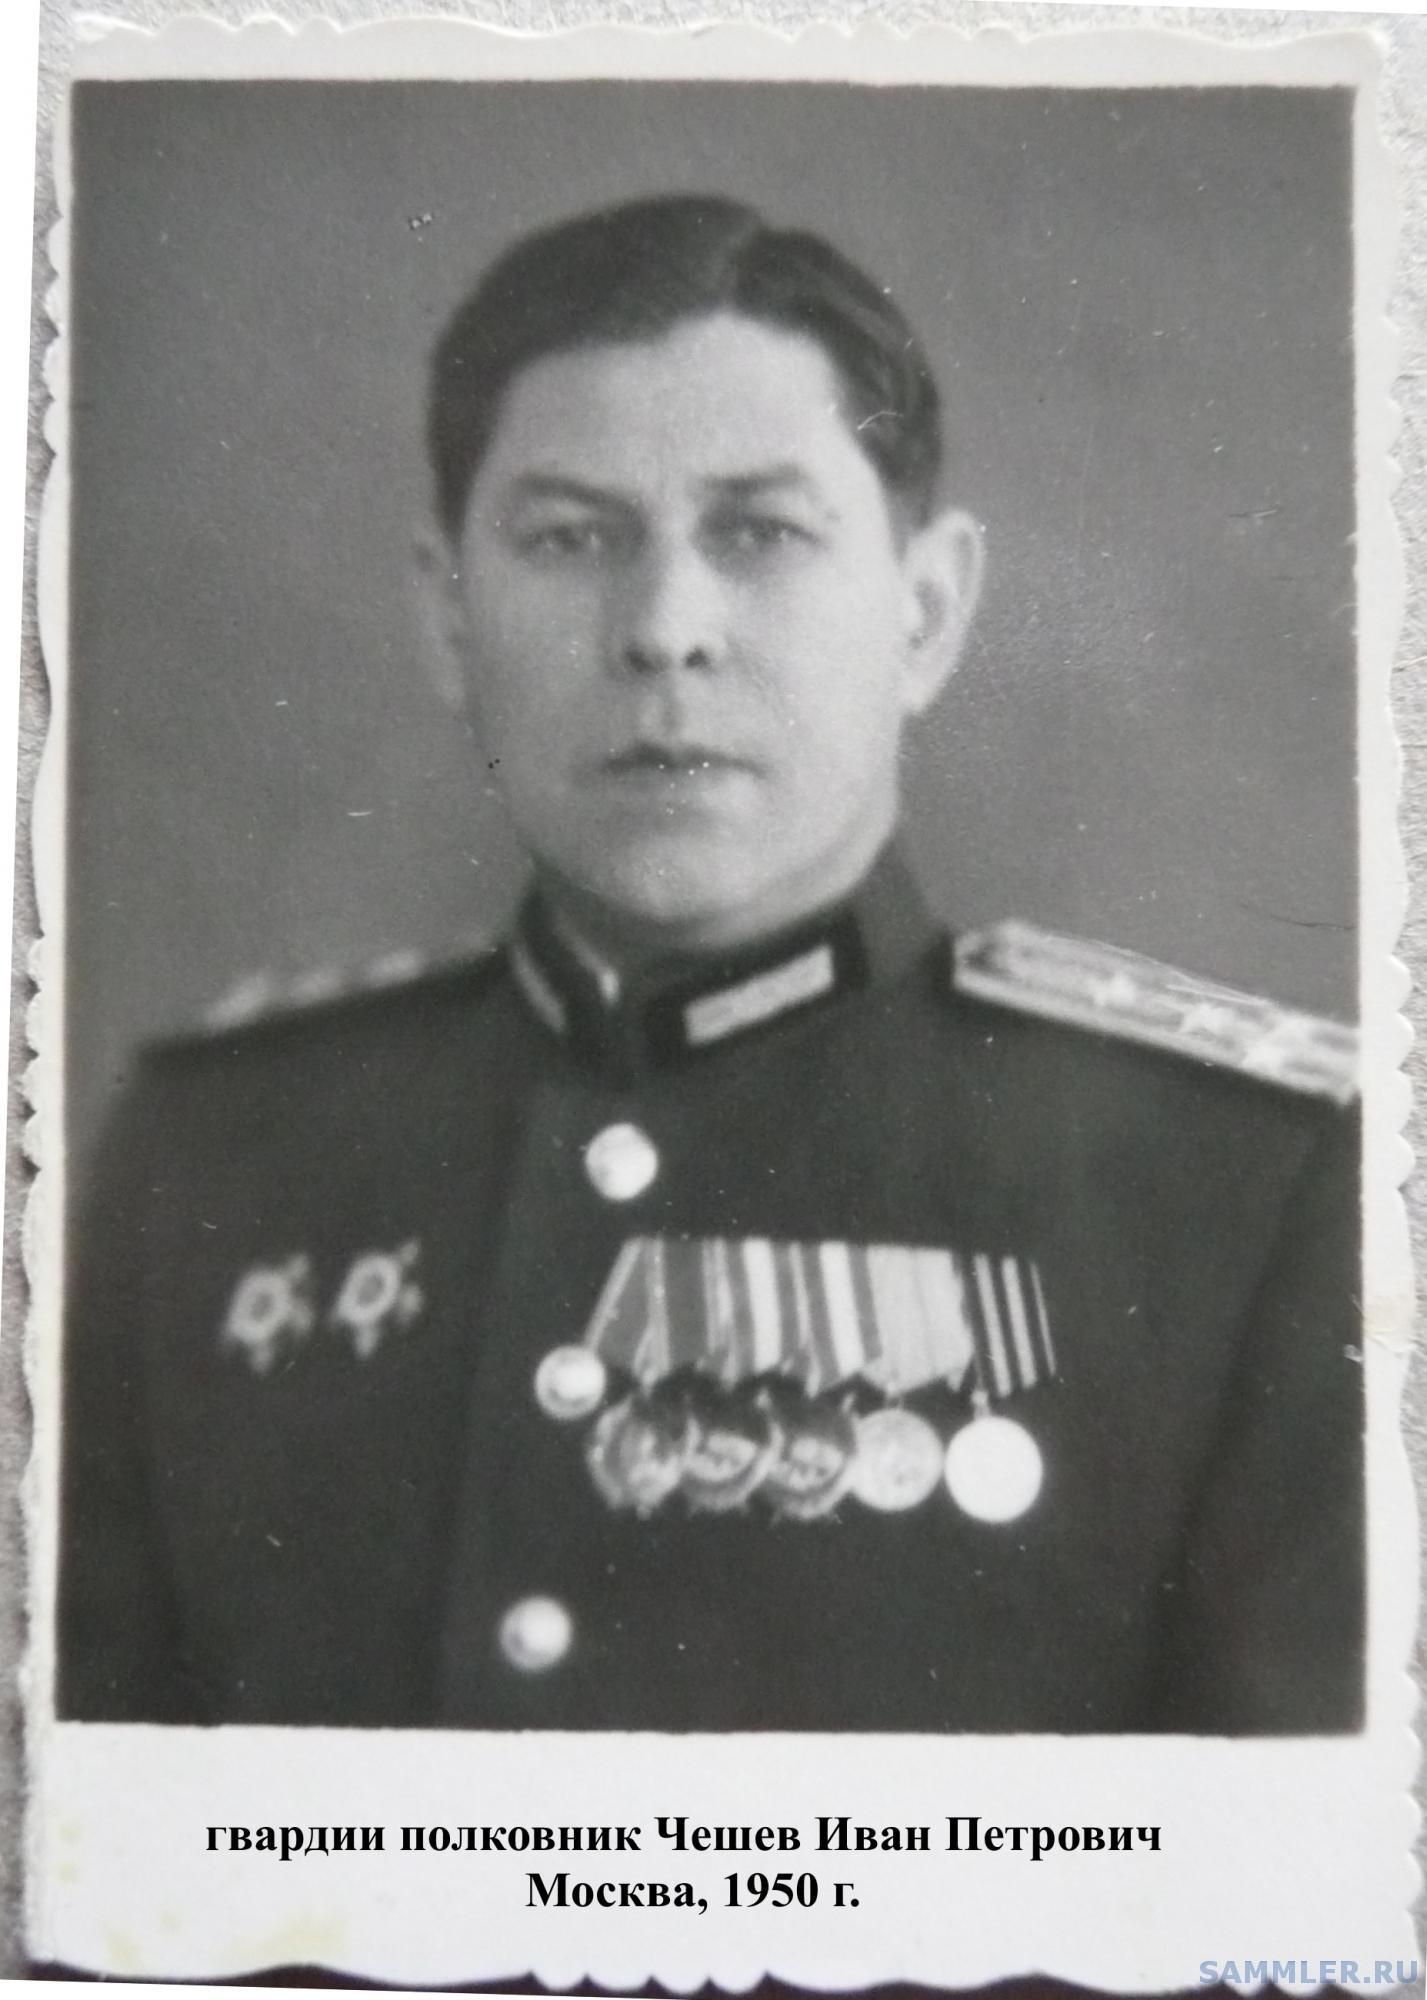 Чешев И.П Москва 1950г1.jpg